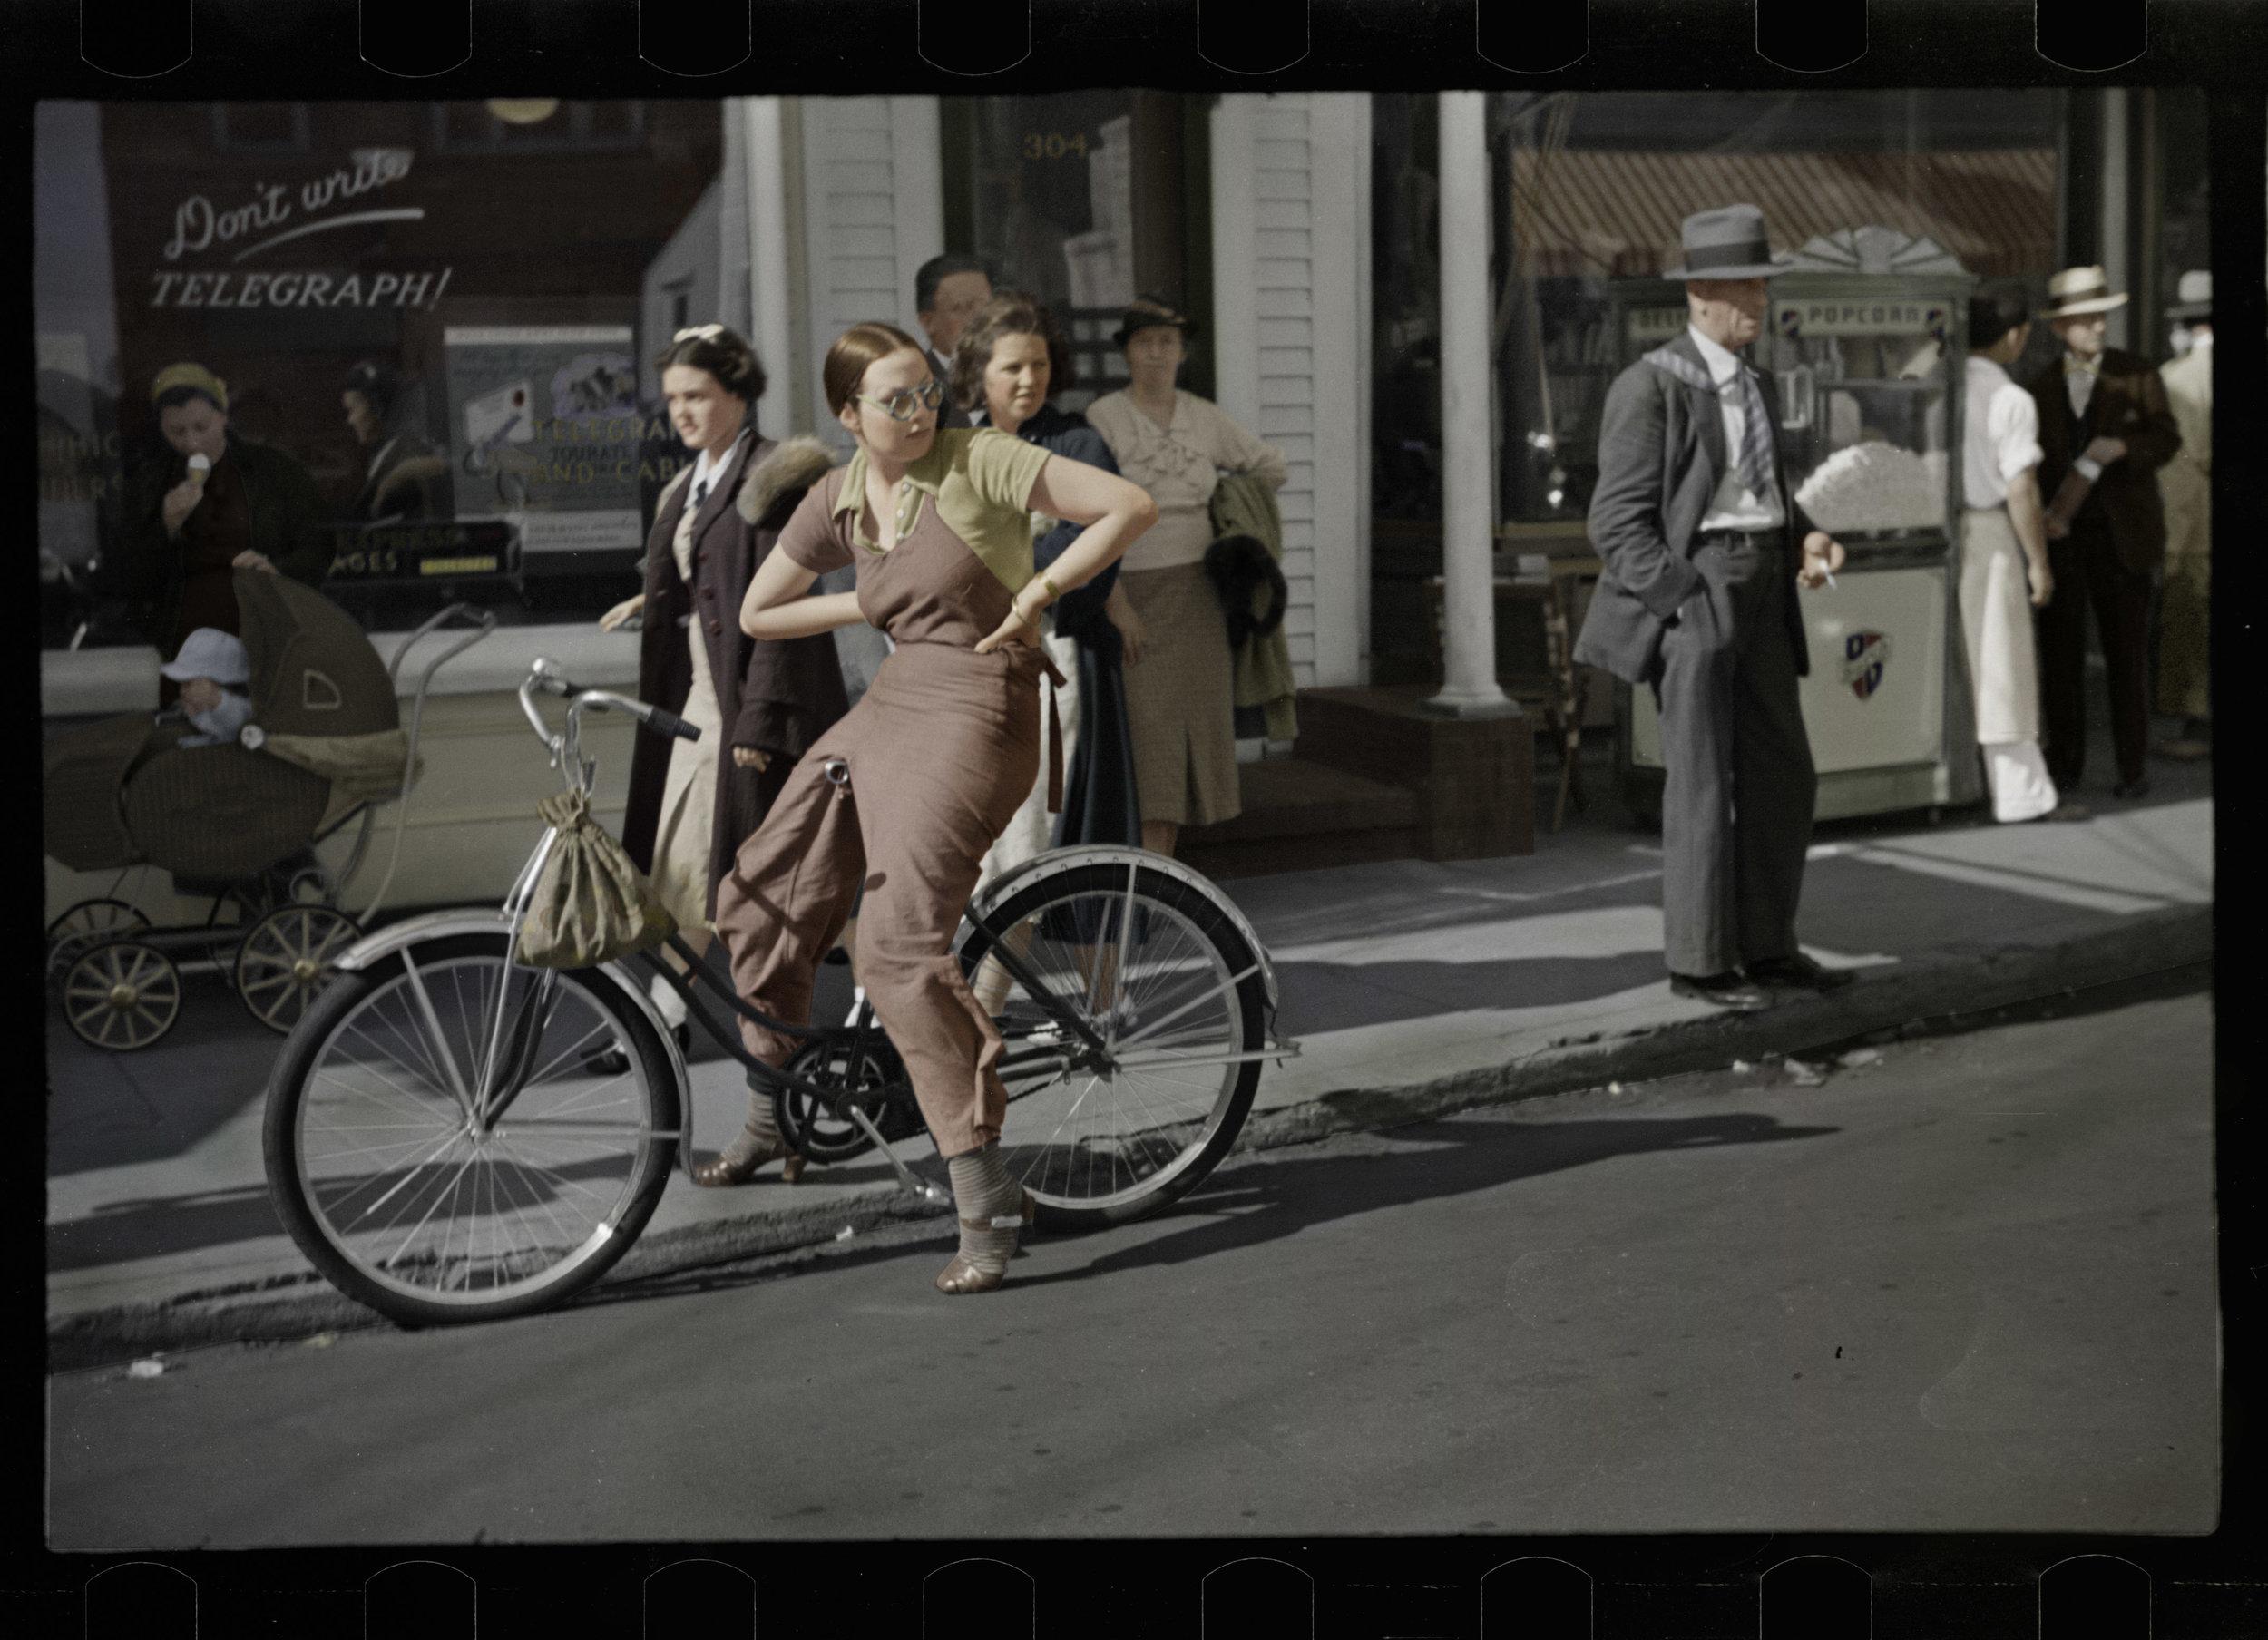 Commercial Street 1937 (Edwin Rosskam)